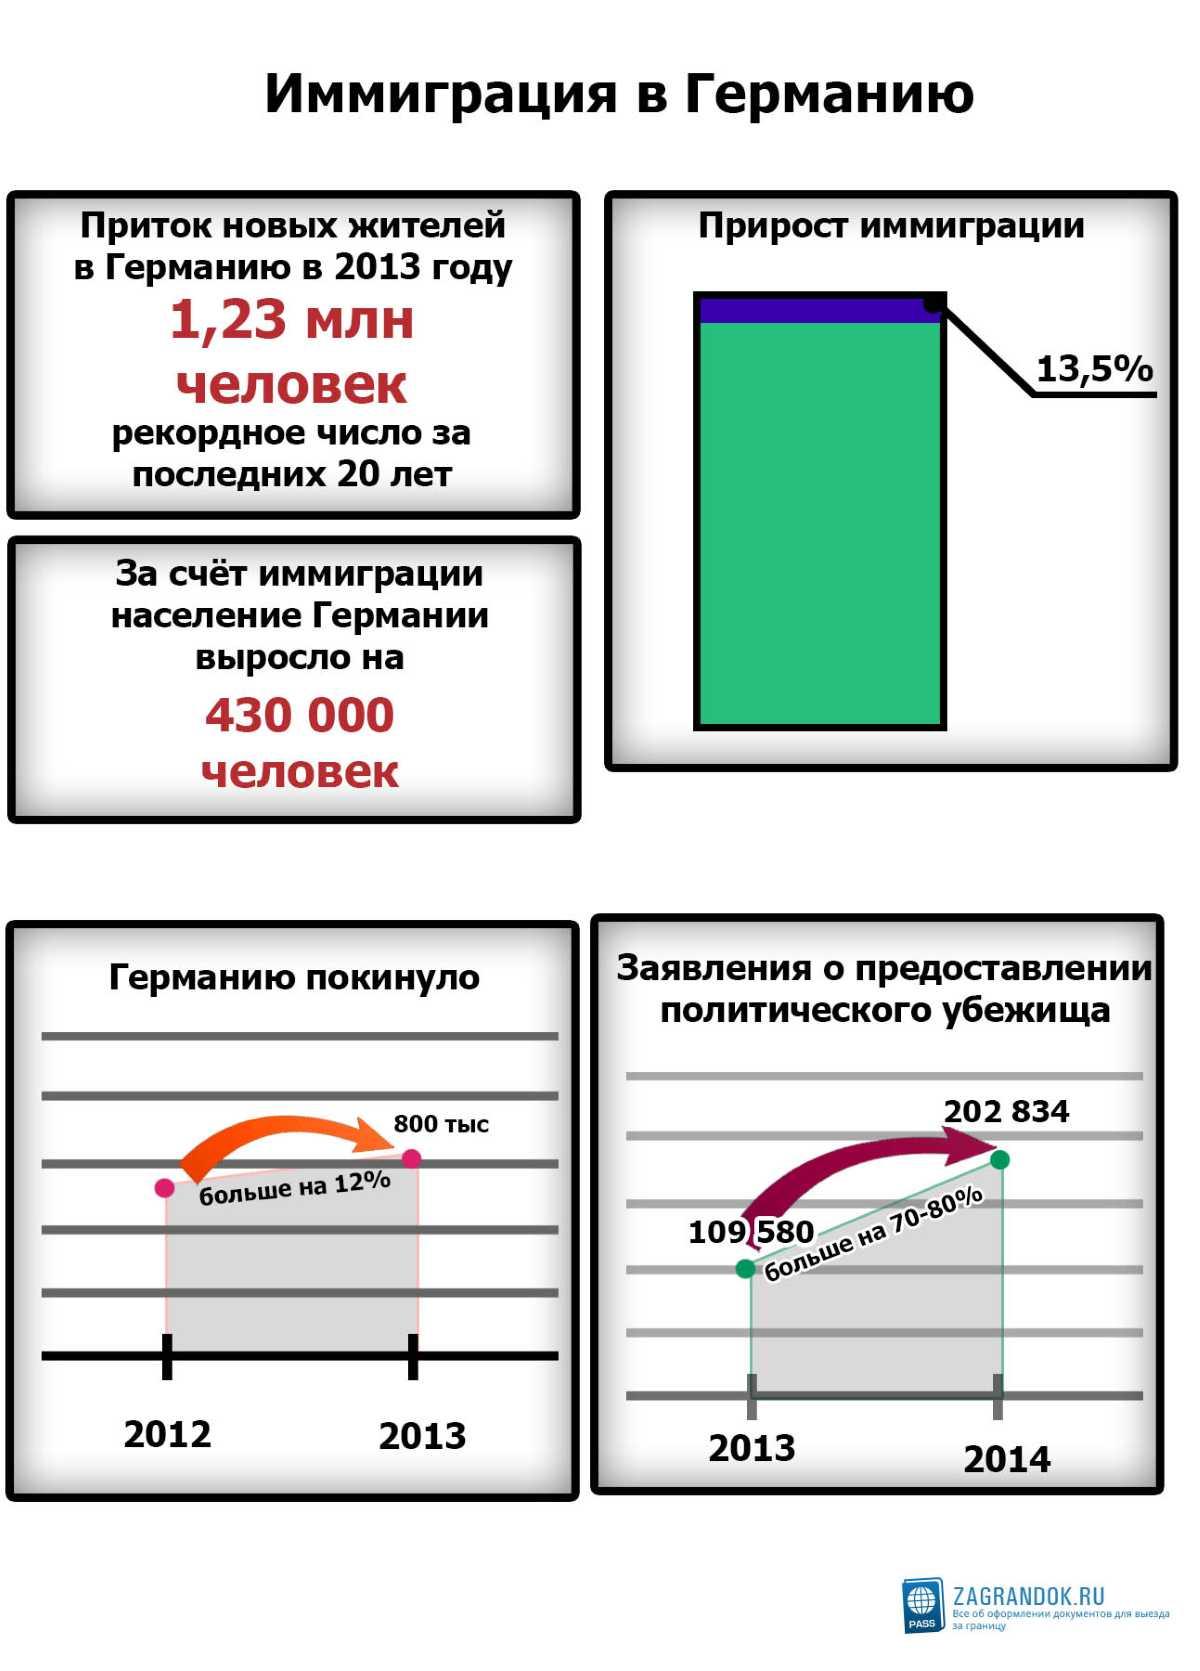 Статистика иммиграции